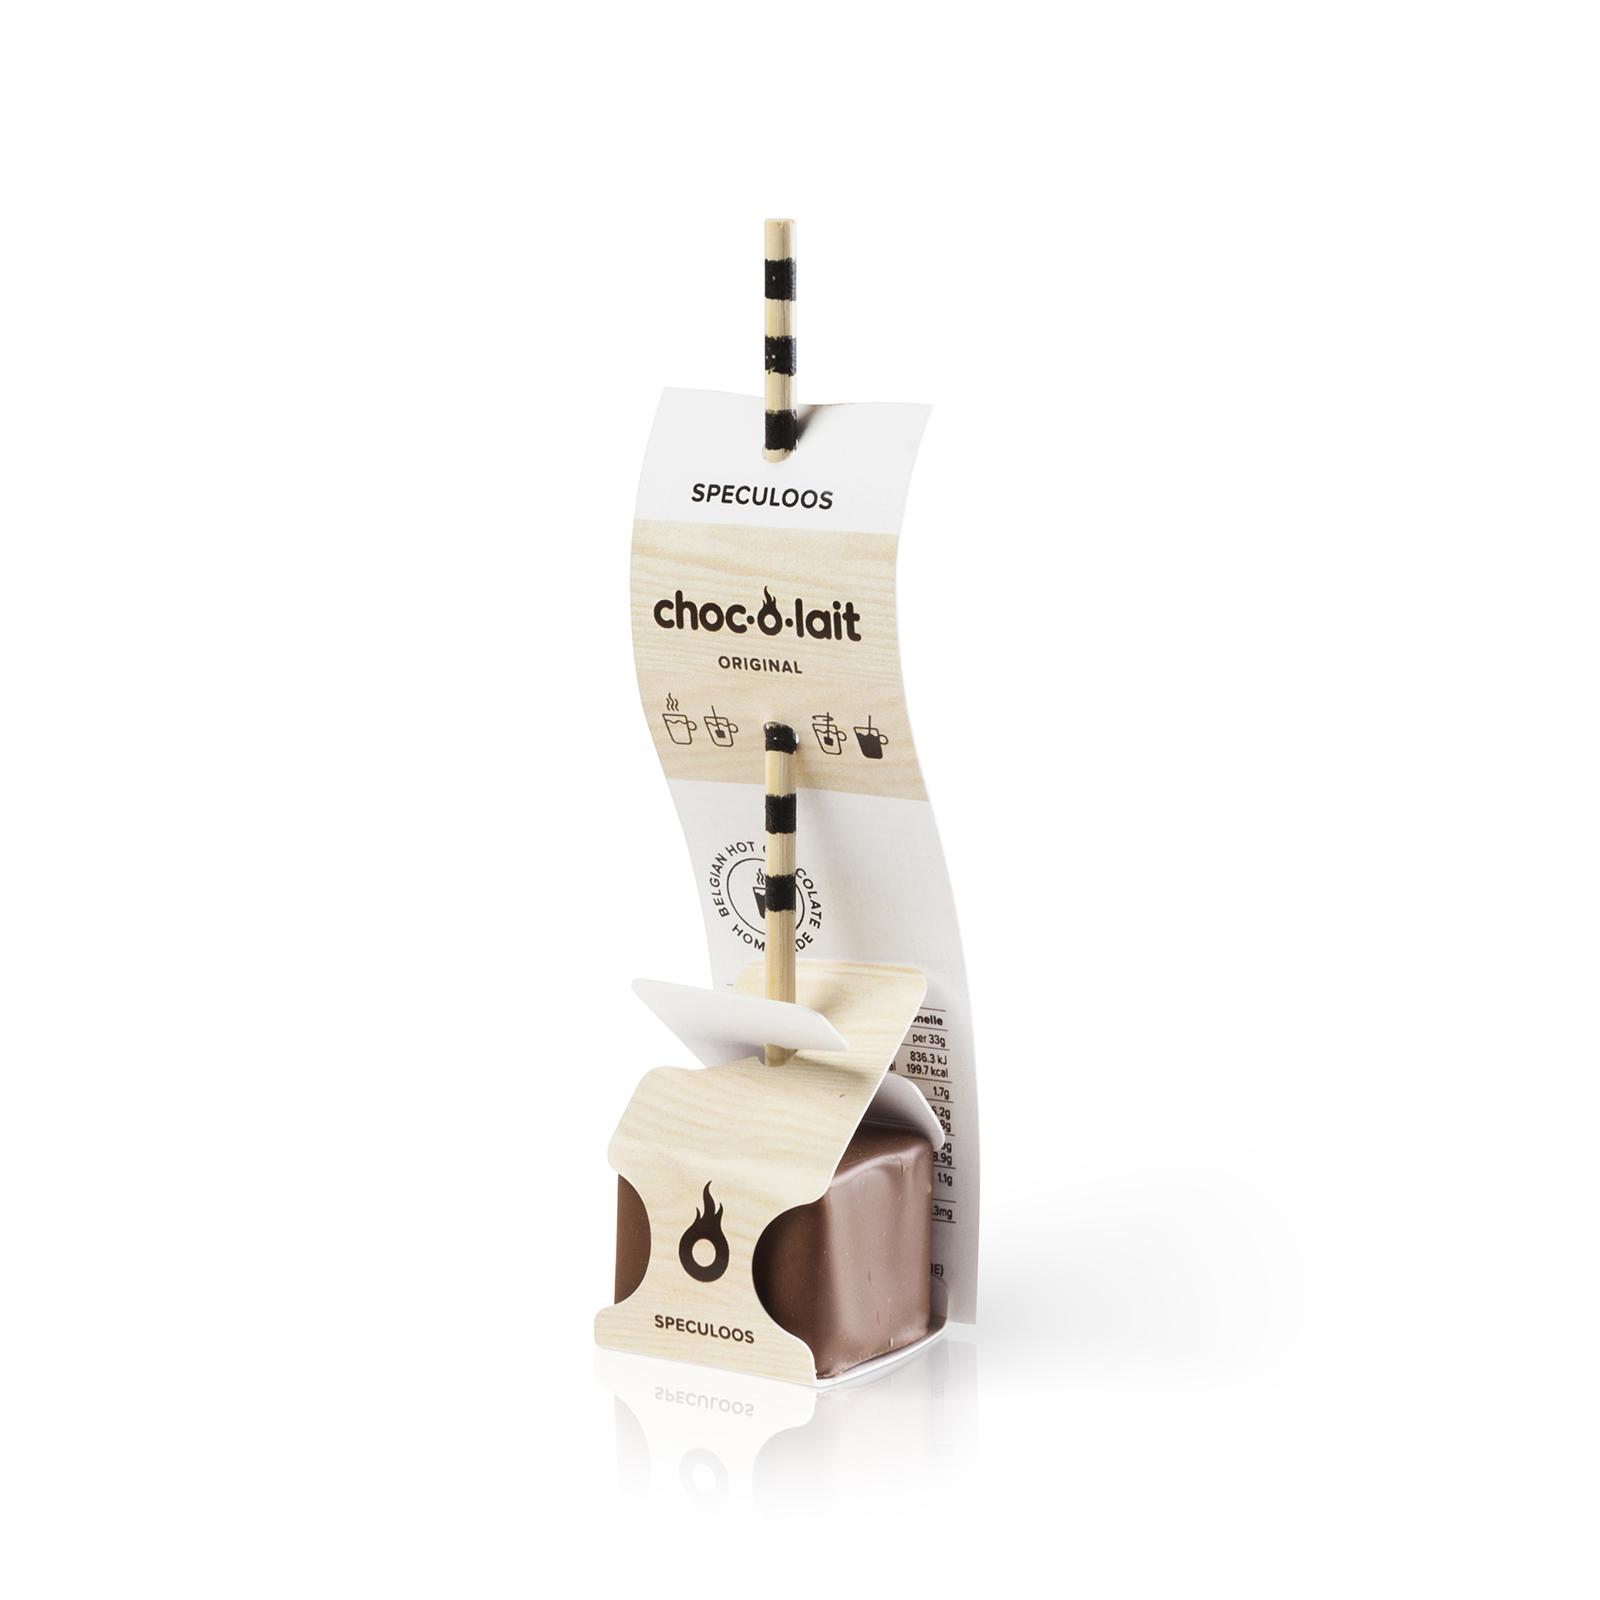 Choc-o-lait Bâtonnet de Chocolat au Speculoos